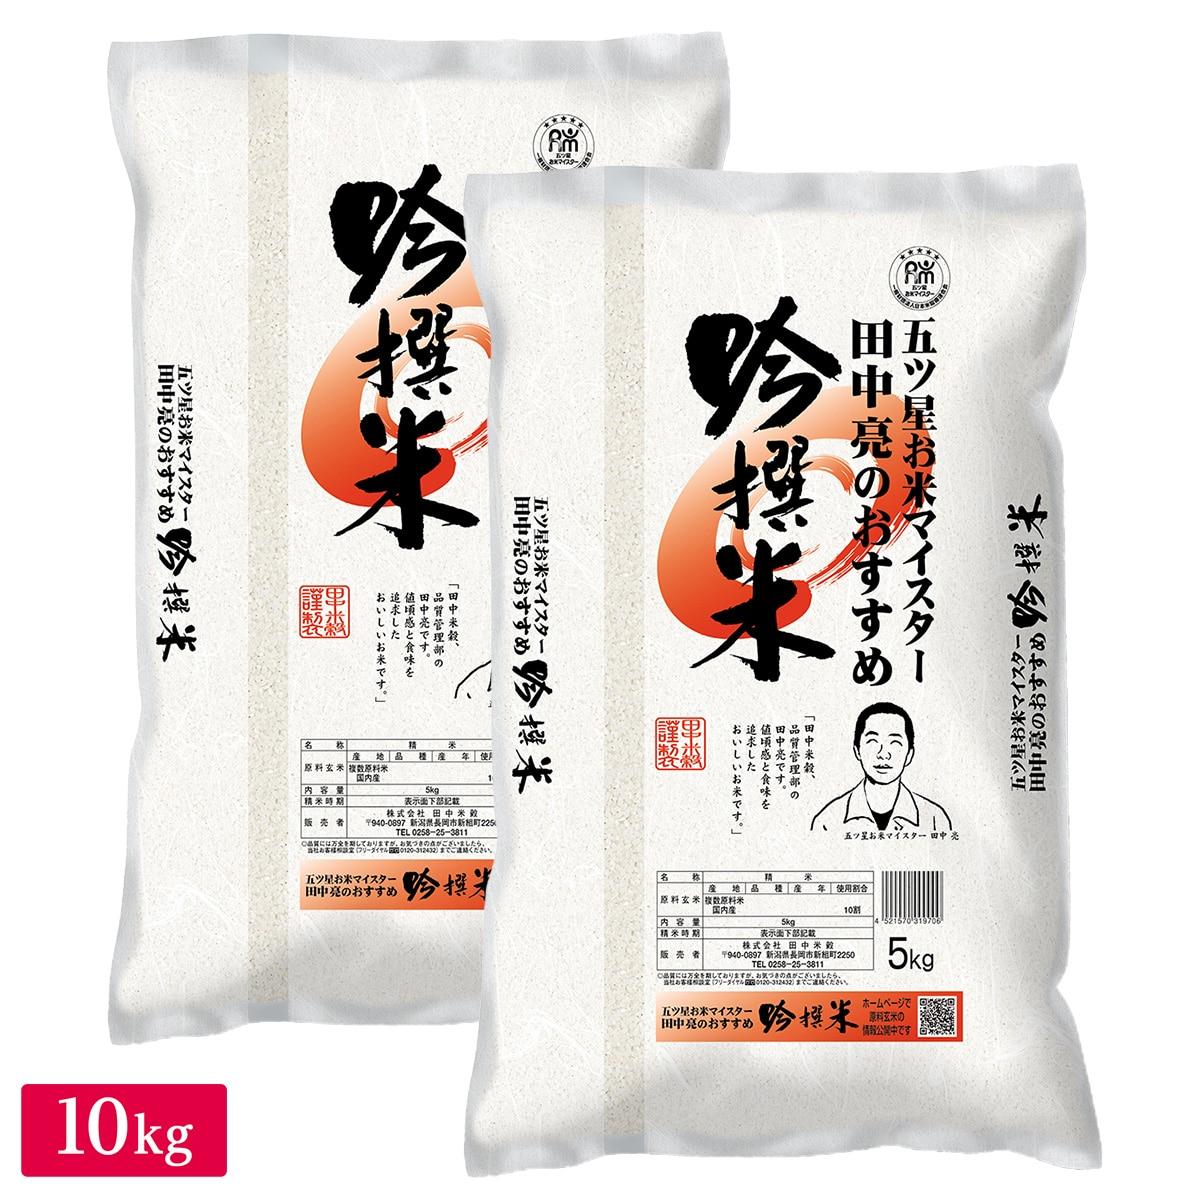 ■【精米】お米マイスター 田中亮おすすめ 吟撰米 10kg(5kg×2袋)